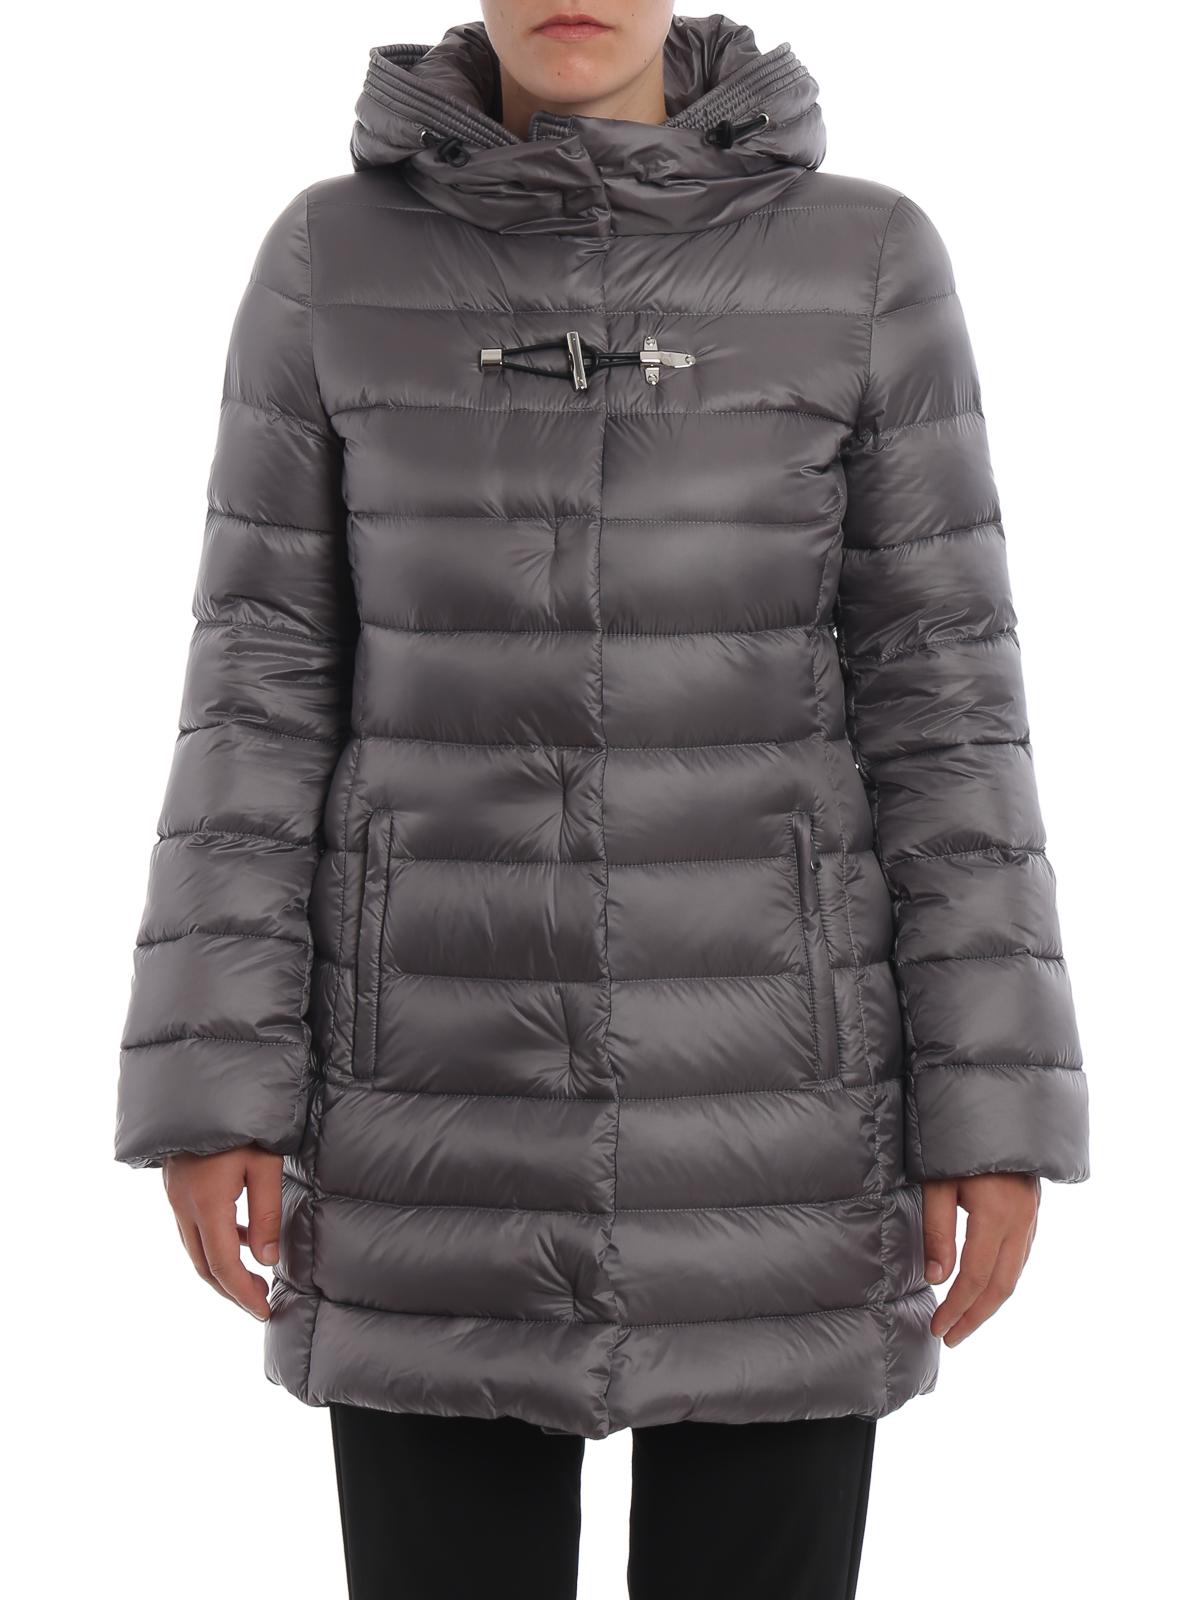 new product 58976 03e90 Fay - Piumino in nylon con cappuccio avvolgente - cappotti ...